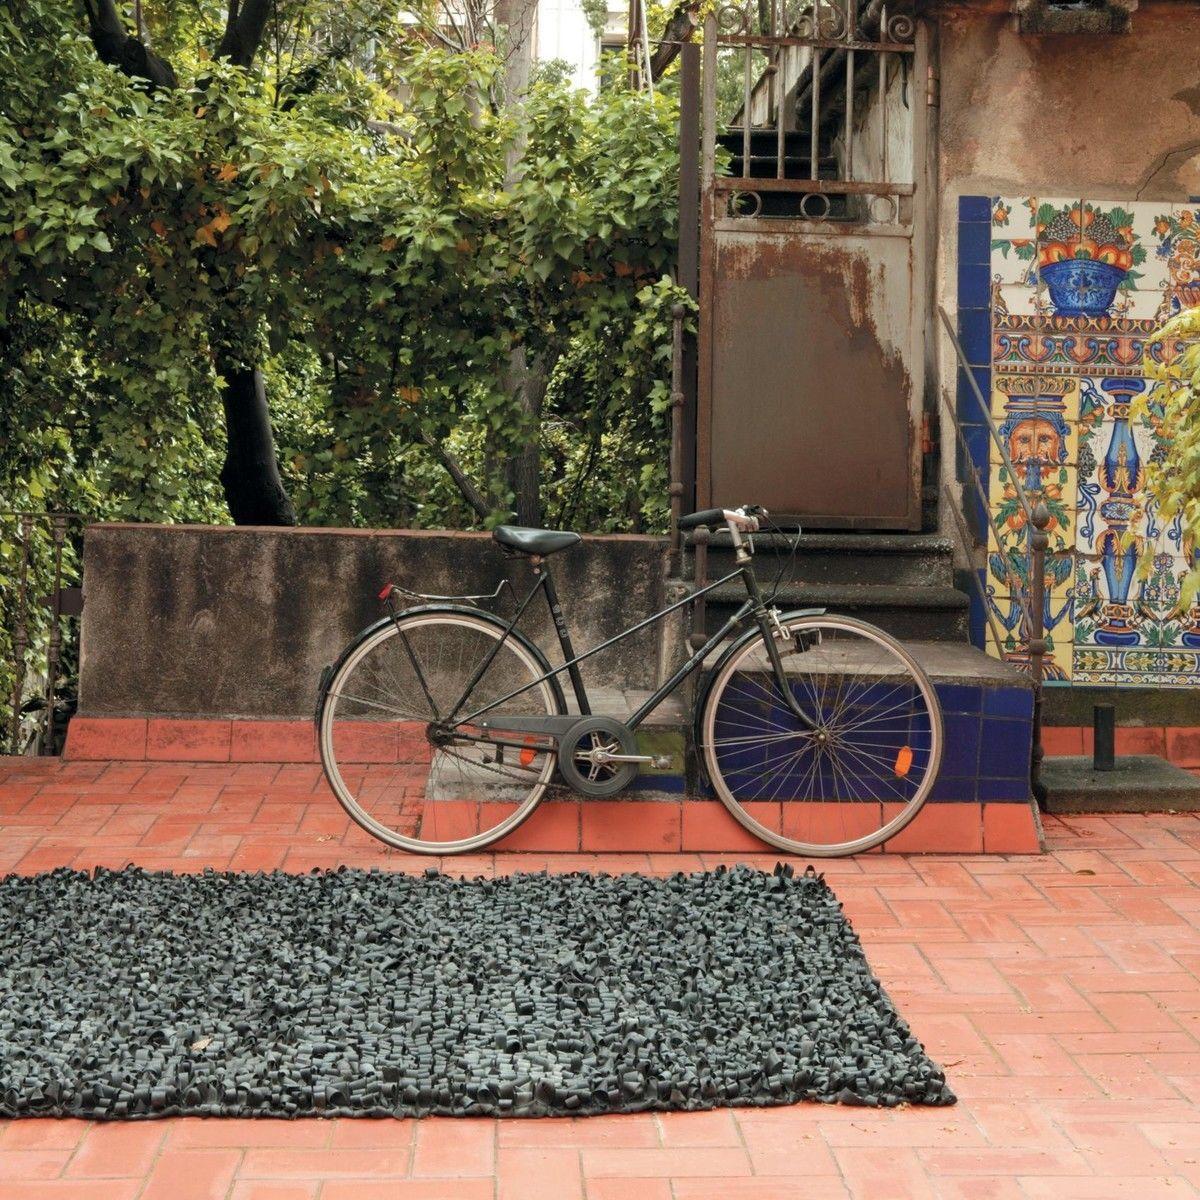 Bicicleta alfombra outdoor caucho nanimarquina for Alfombras persas usadas precios